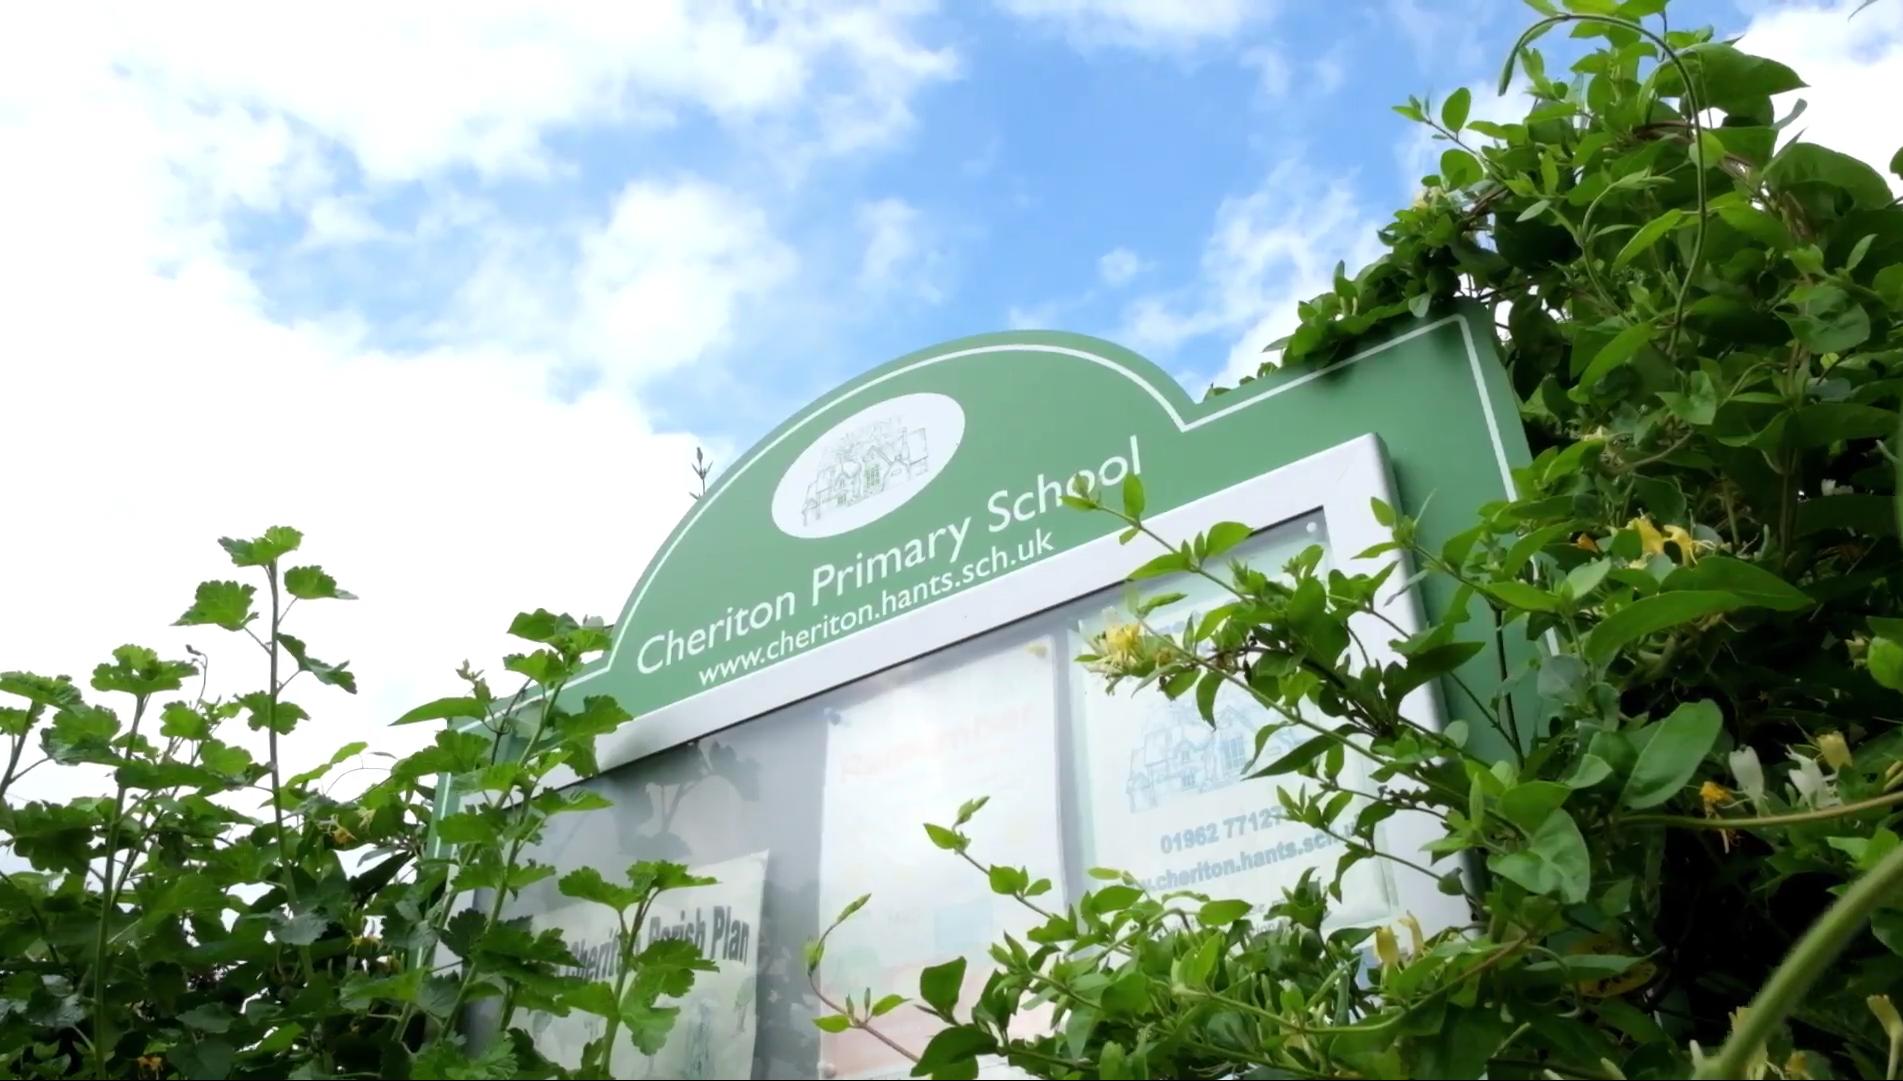 Cheriton Primary School